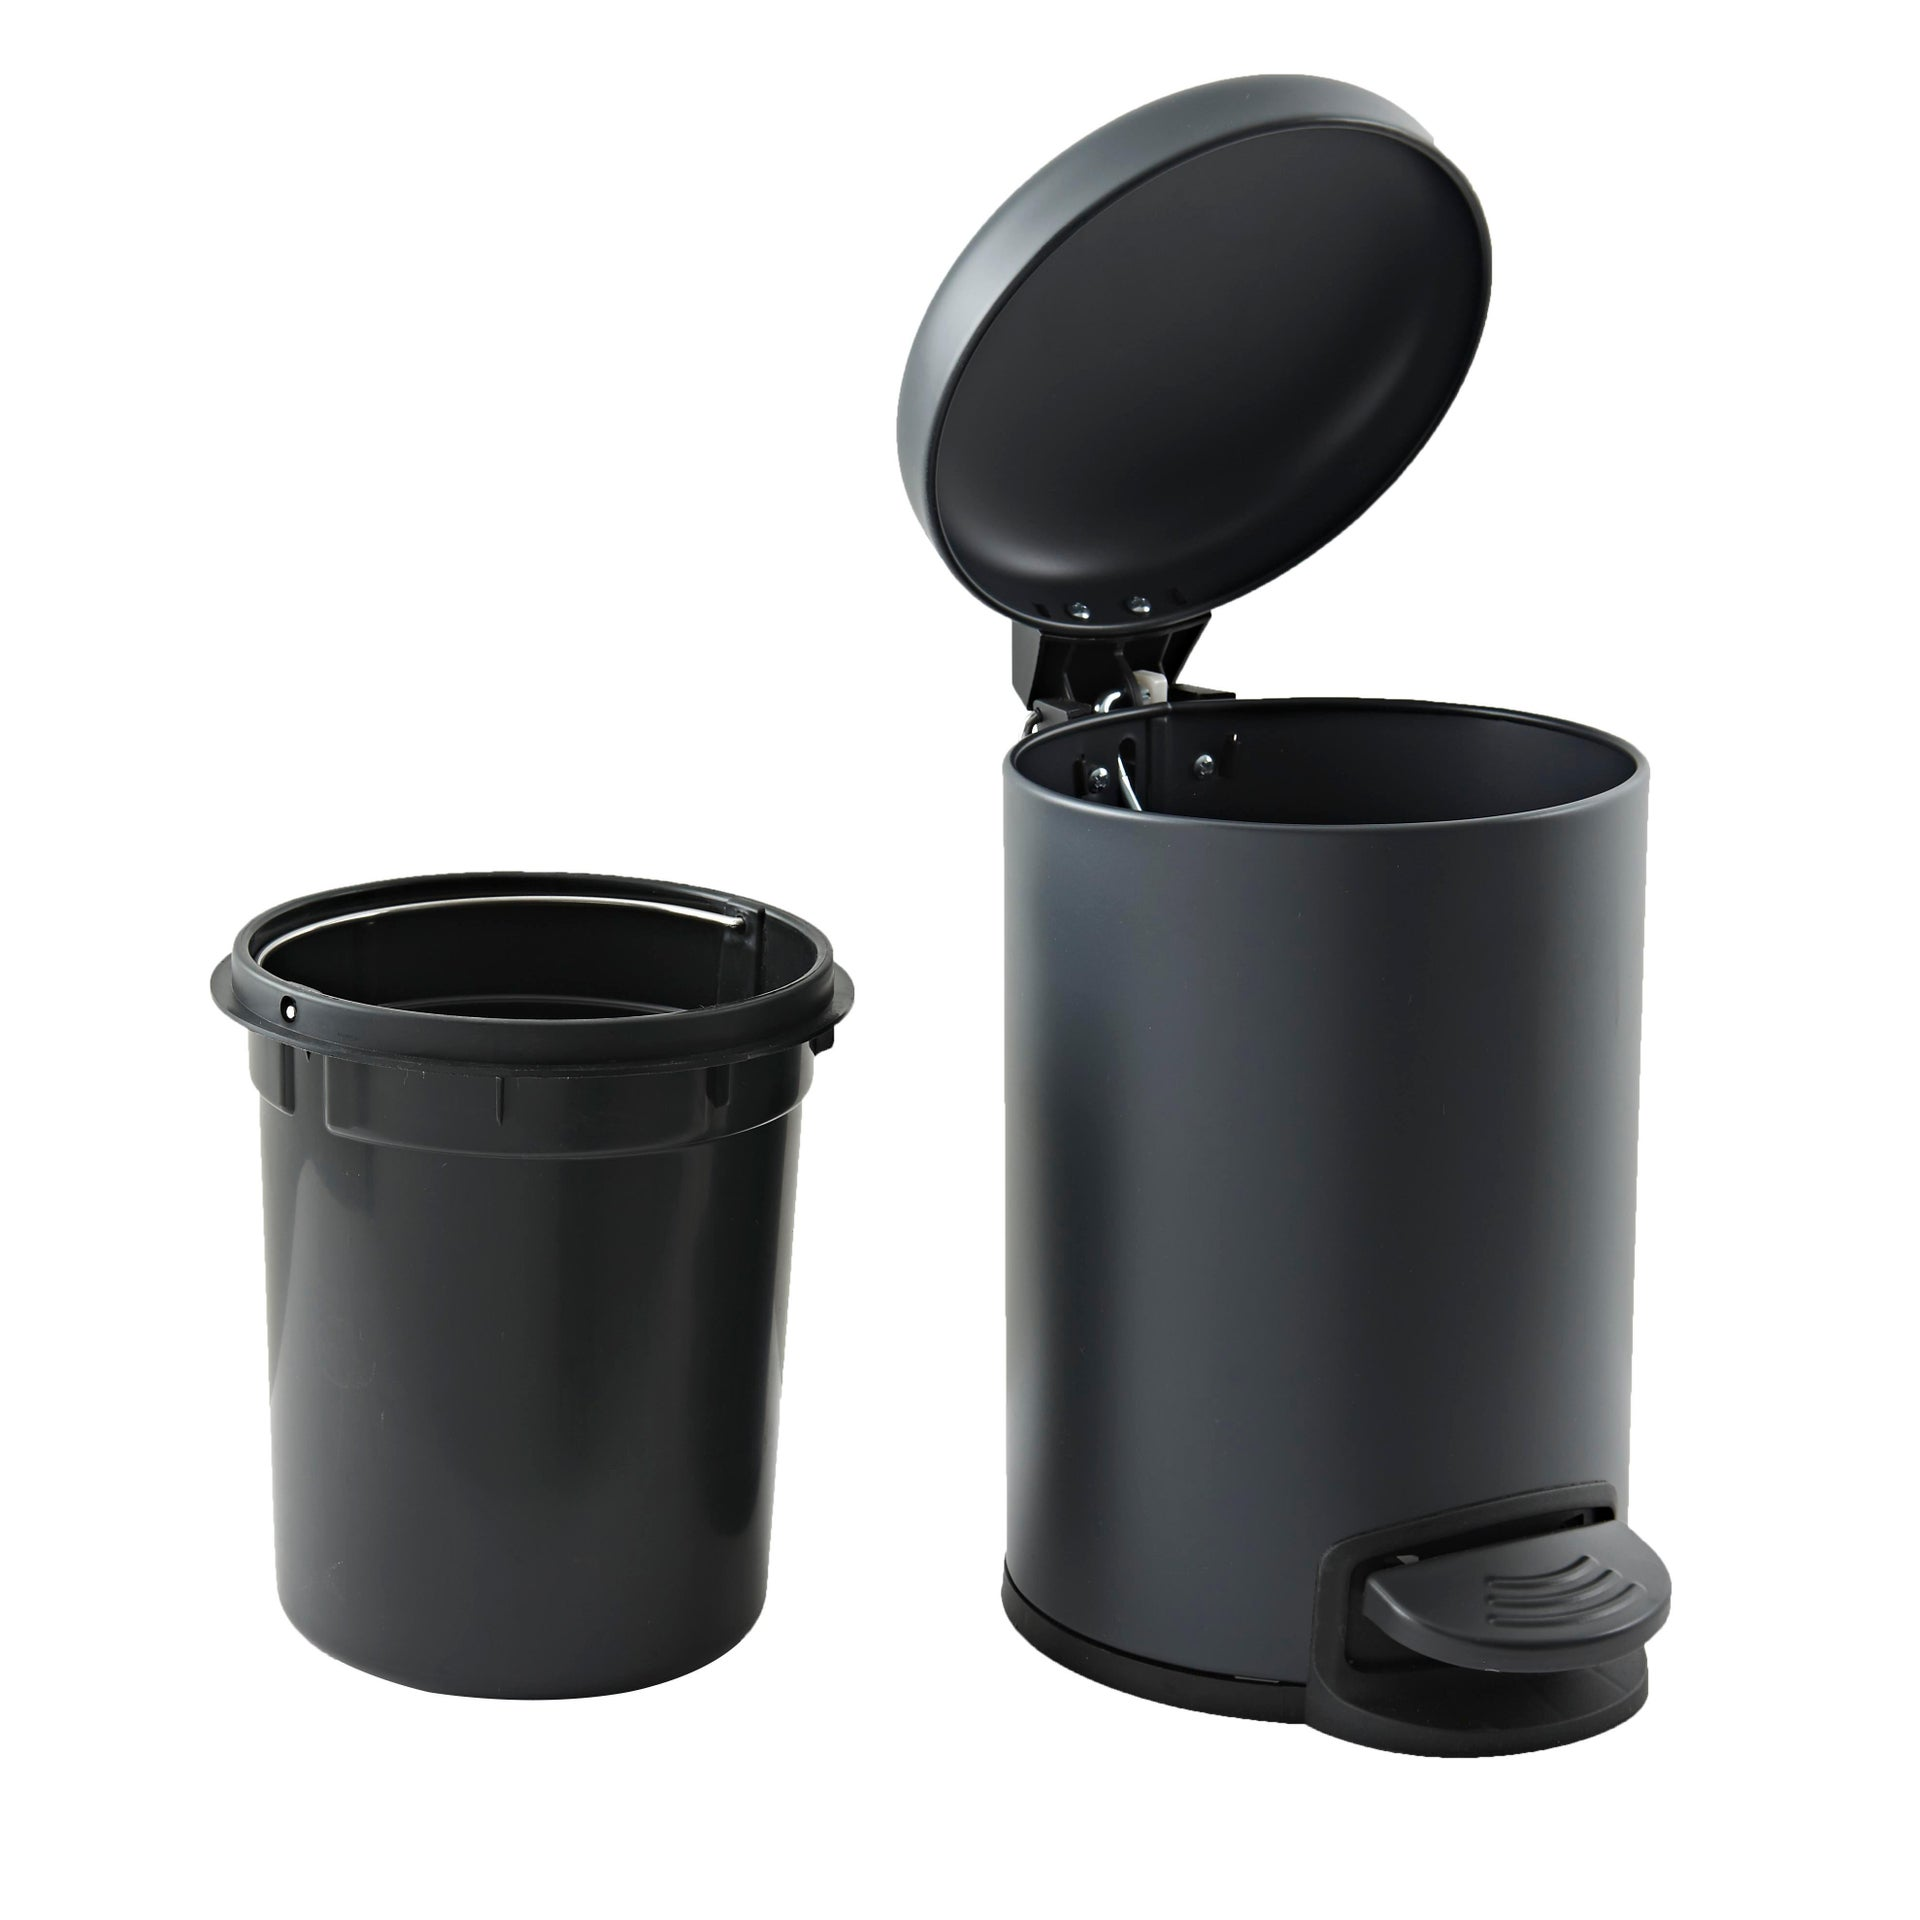 Pattumiera da bagno a pedale SENSEA 3 Lin acciaio - 4